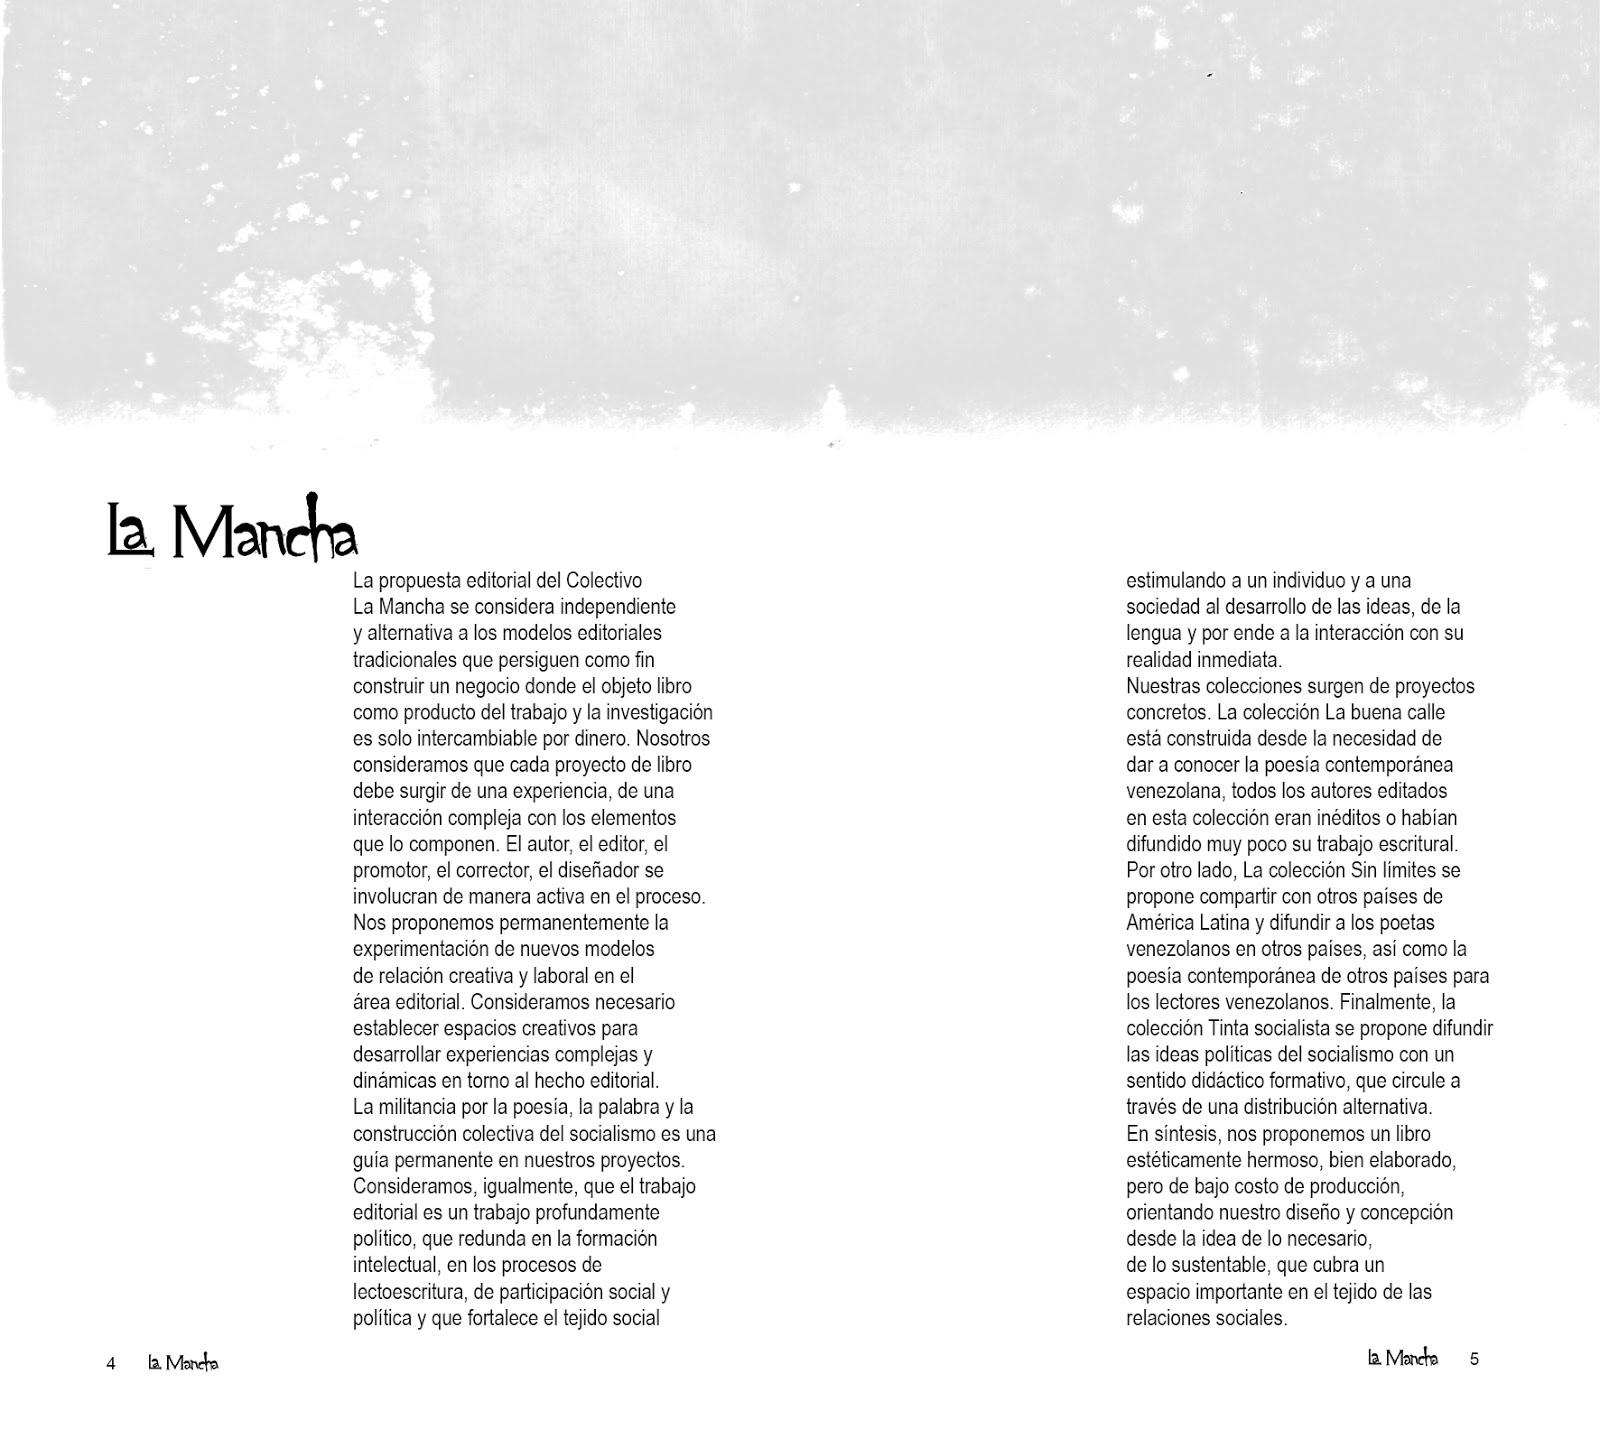 LA MANCHA EDICIONES